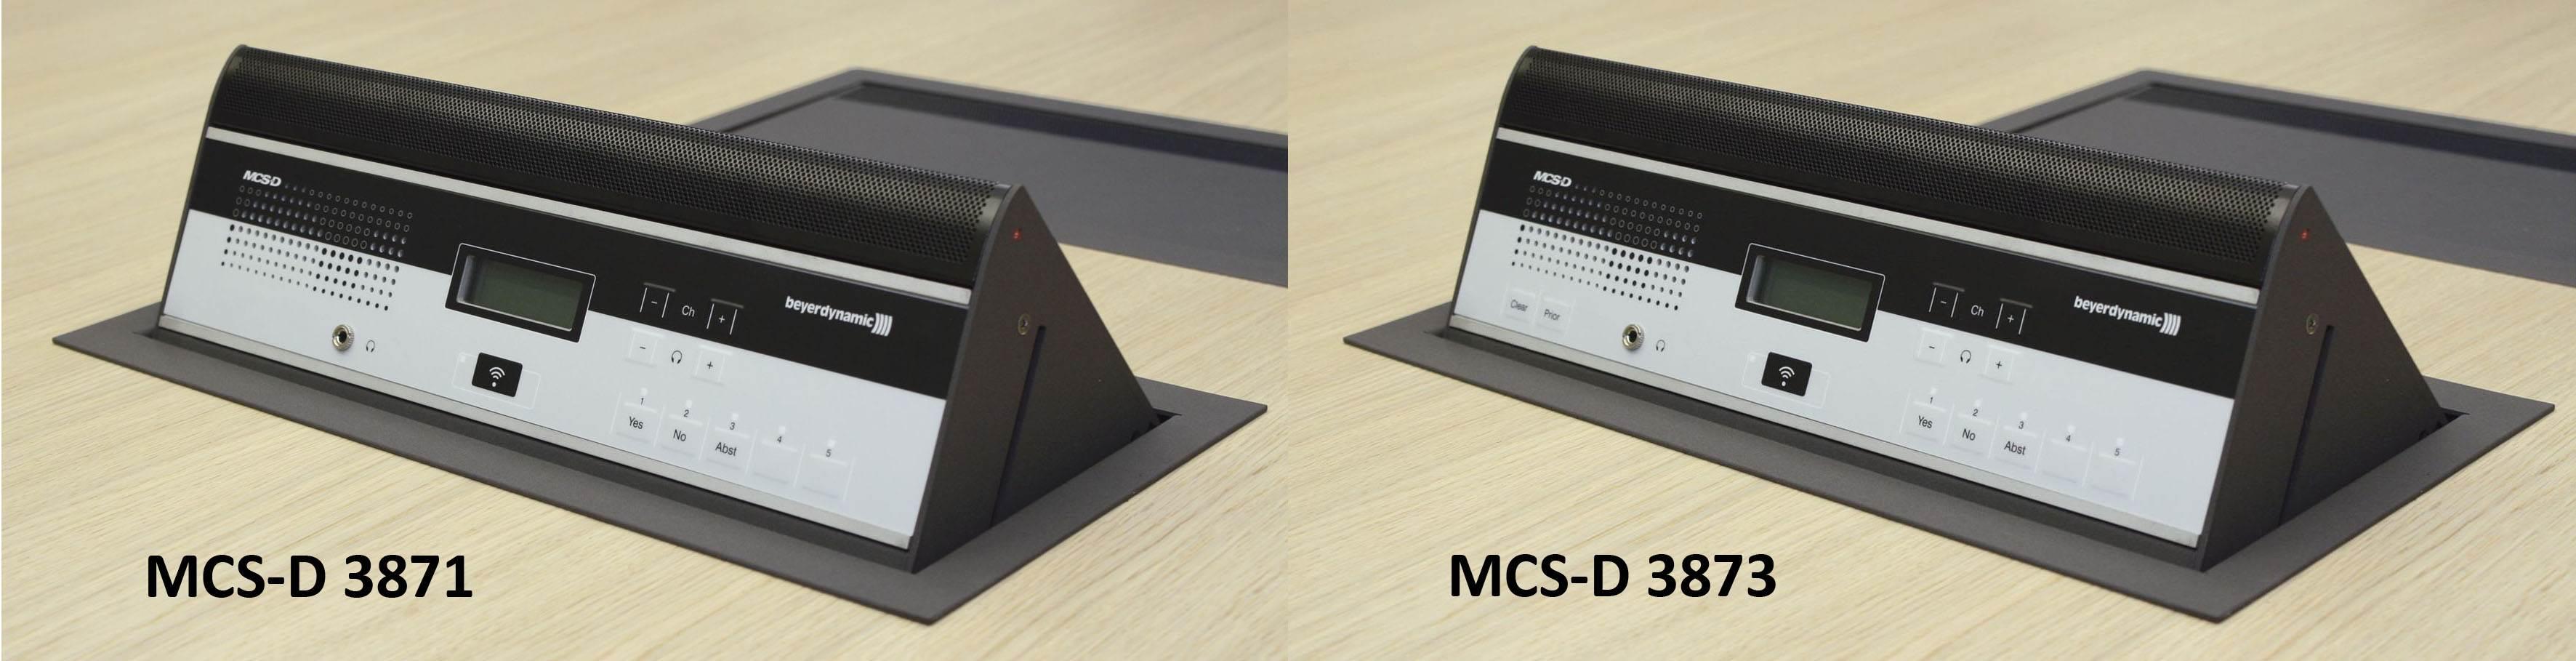 یونیت کنفرانس دیجیتال محصول کمپانی Beyerdynamic ( بیرداینامیک ) مدل MCS-D 3871 , 3873